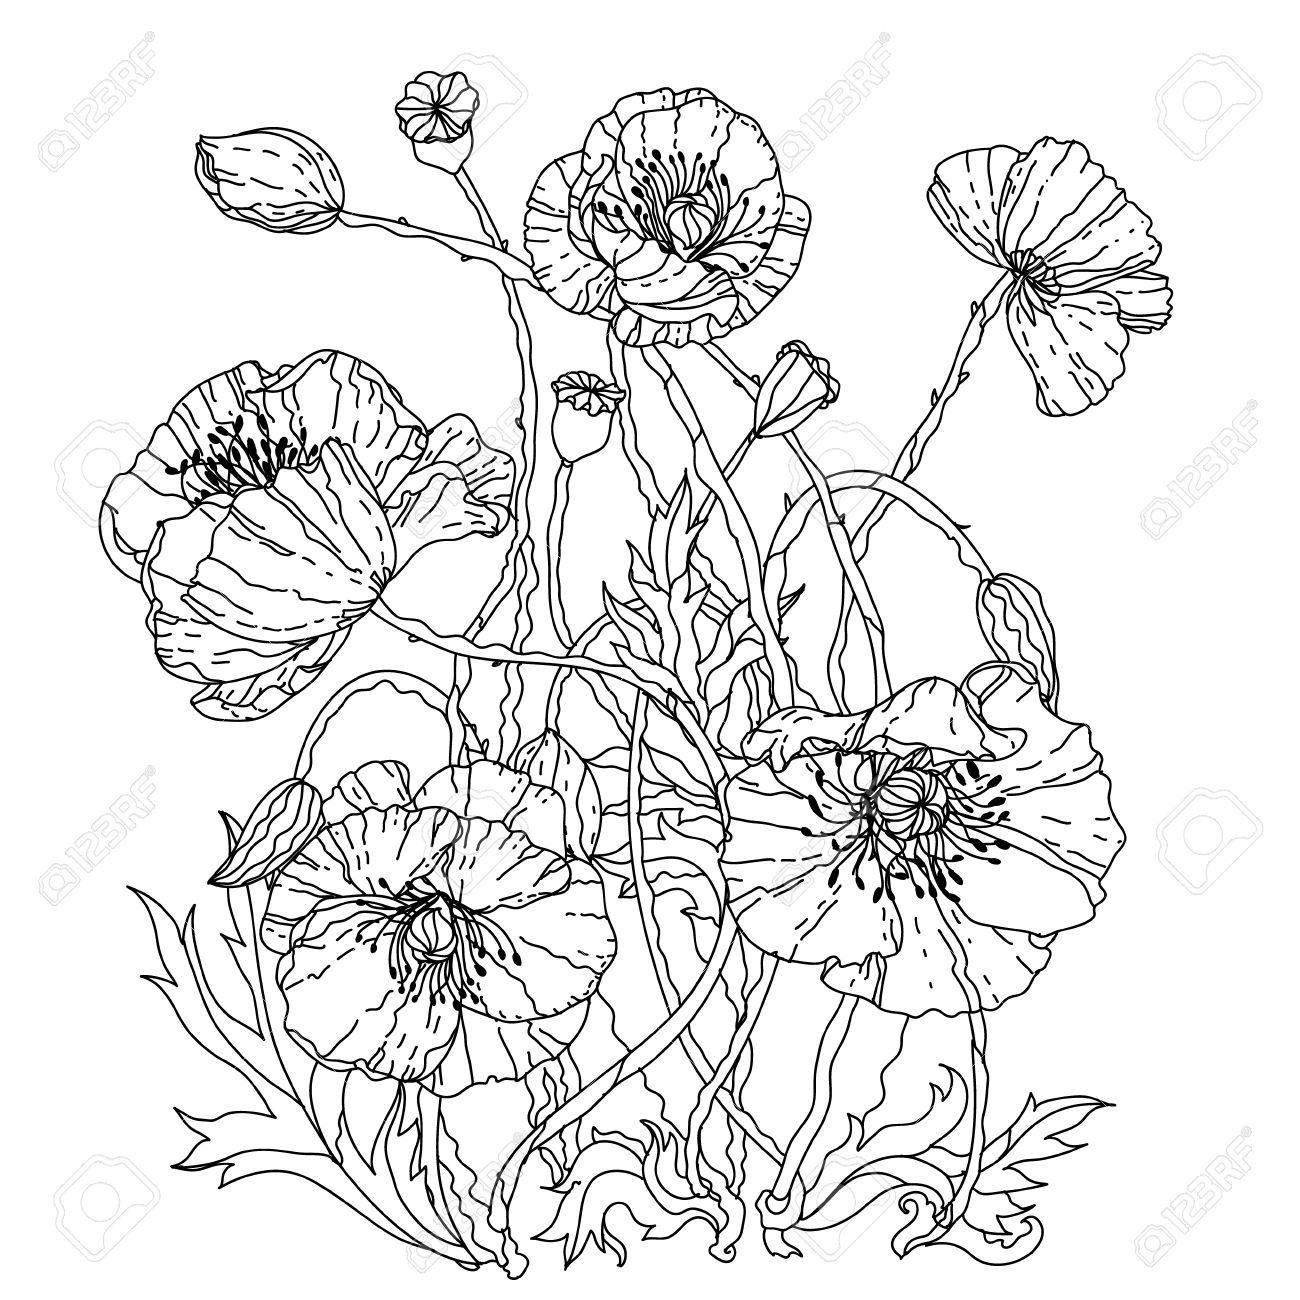 フィールド ポピーzenart スタイルの大人の塗り絵の春パターン